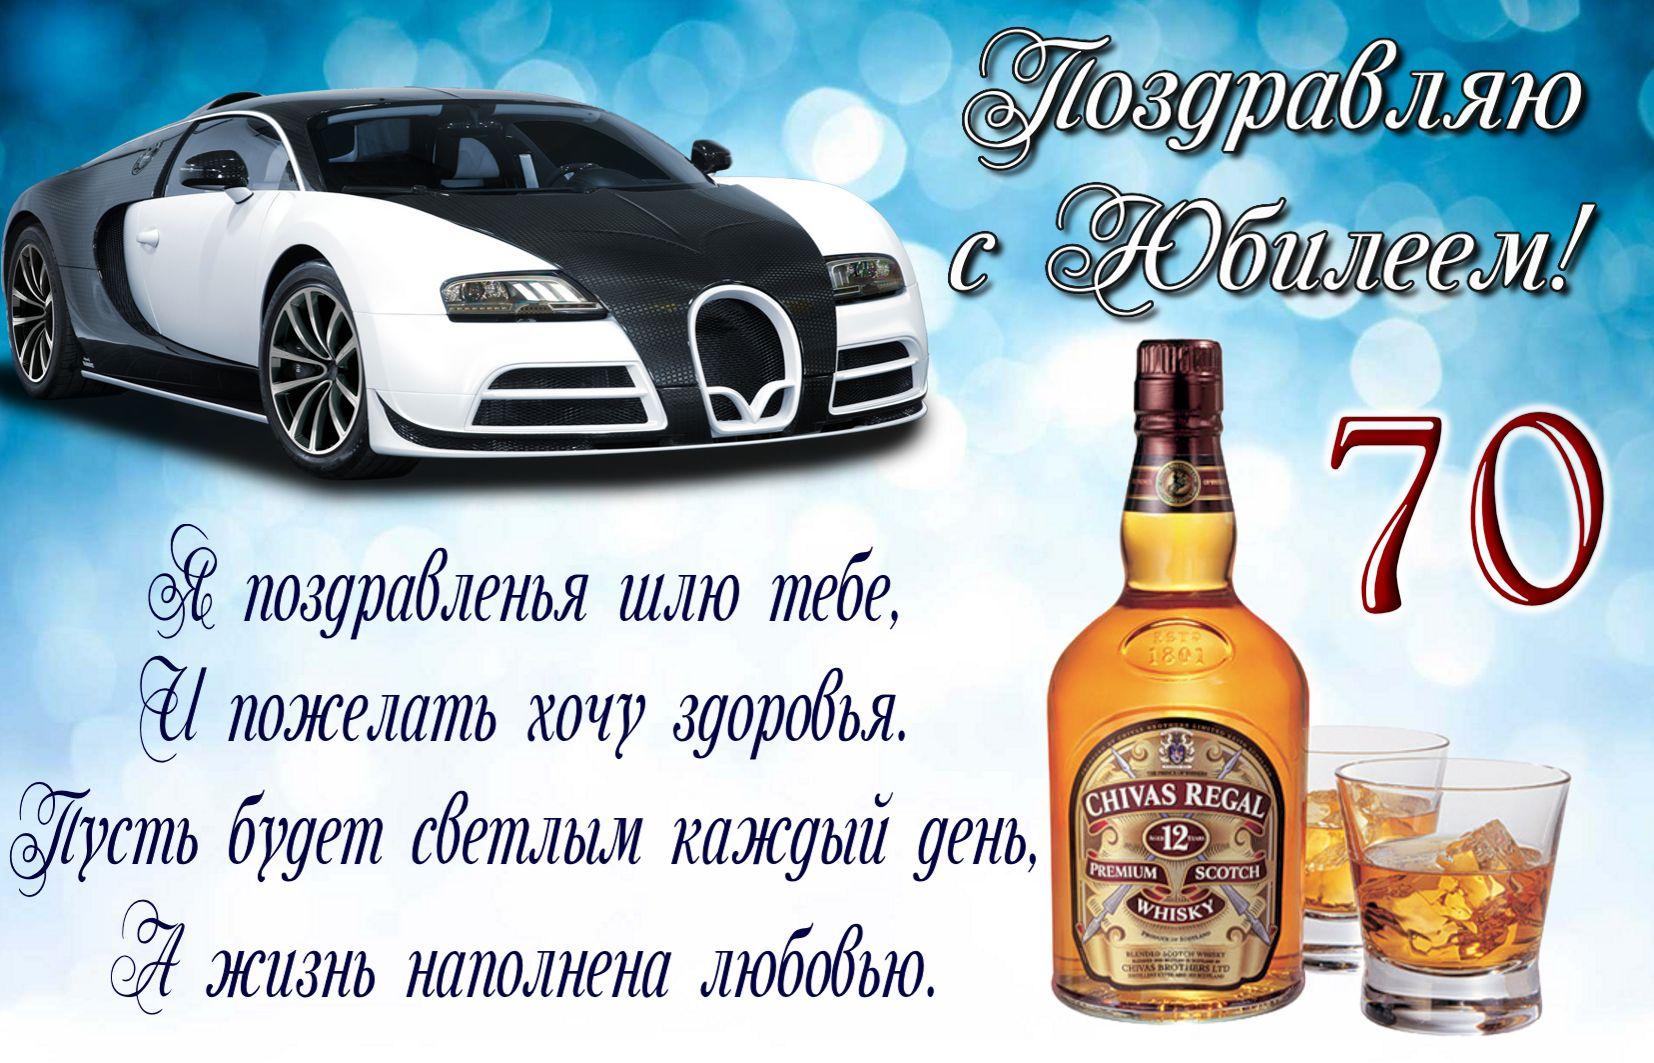 Открытка с поздравлением и хорошим виски